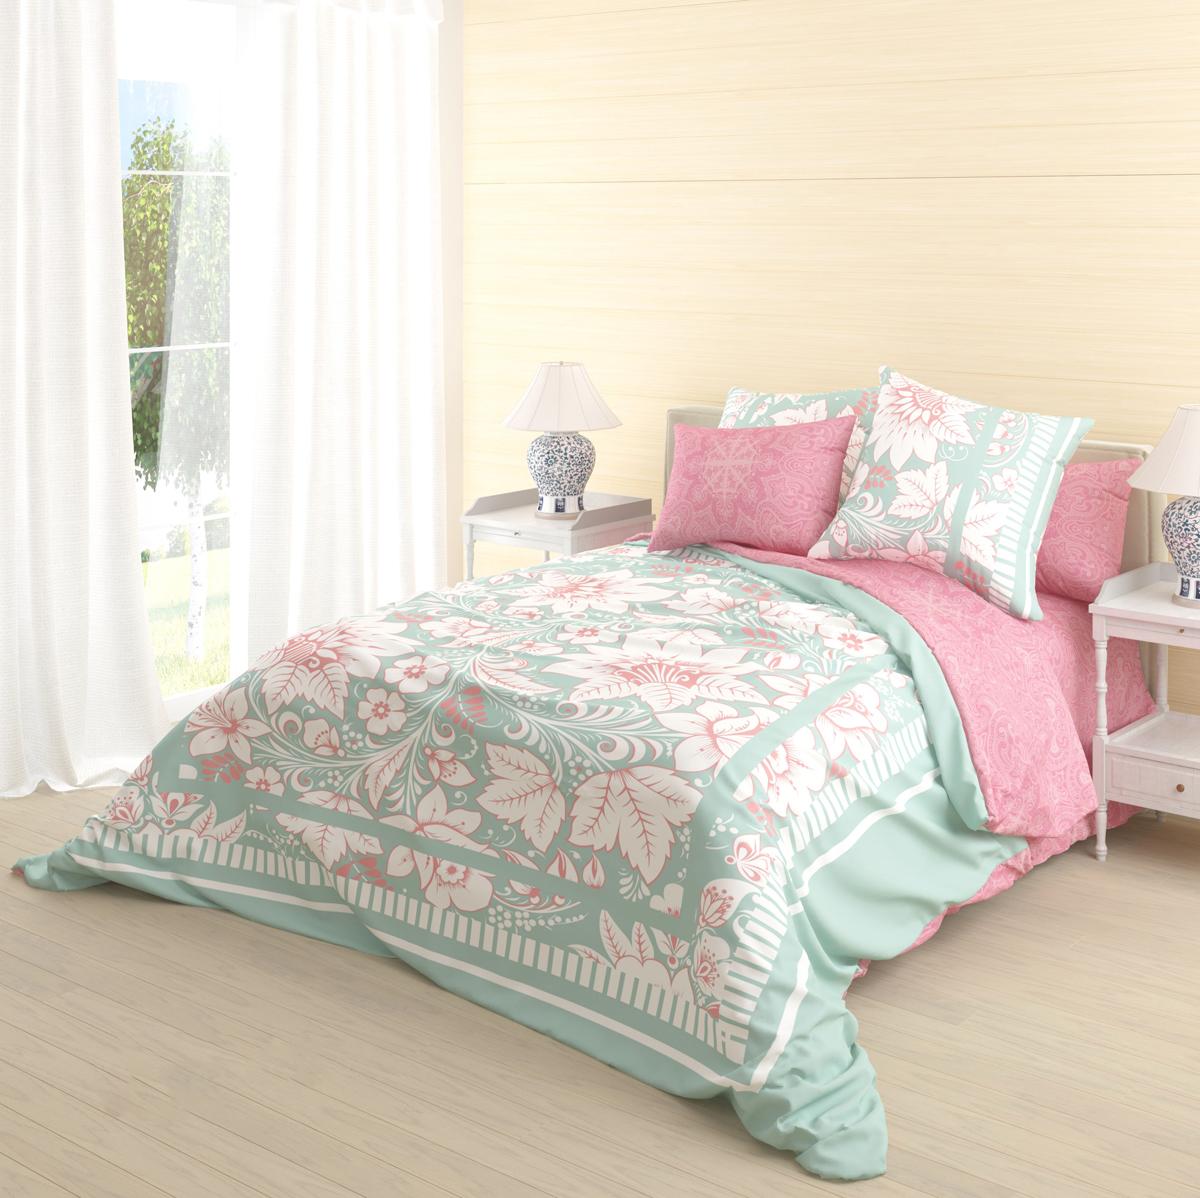 """Роскошный комплект постельного белья Волшебная ночь """"Biruza"""" выполнен из натурального ранфорса (100% хлопка) и оформлен оригинальным рисунком. Комплект состоит из пододеяльника, простыни и двух наволочек.   Ранфорс - это новая современная гипоаллергенная ткань из натуральных хлопковых волокон, которая прекрасно впитывает влагу, очень проста в уходе, а за счет высокой прочности способна выдерживать большое количество стирок. Высочайшее качество материала гарантирует безопасность."""